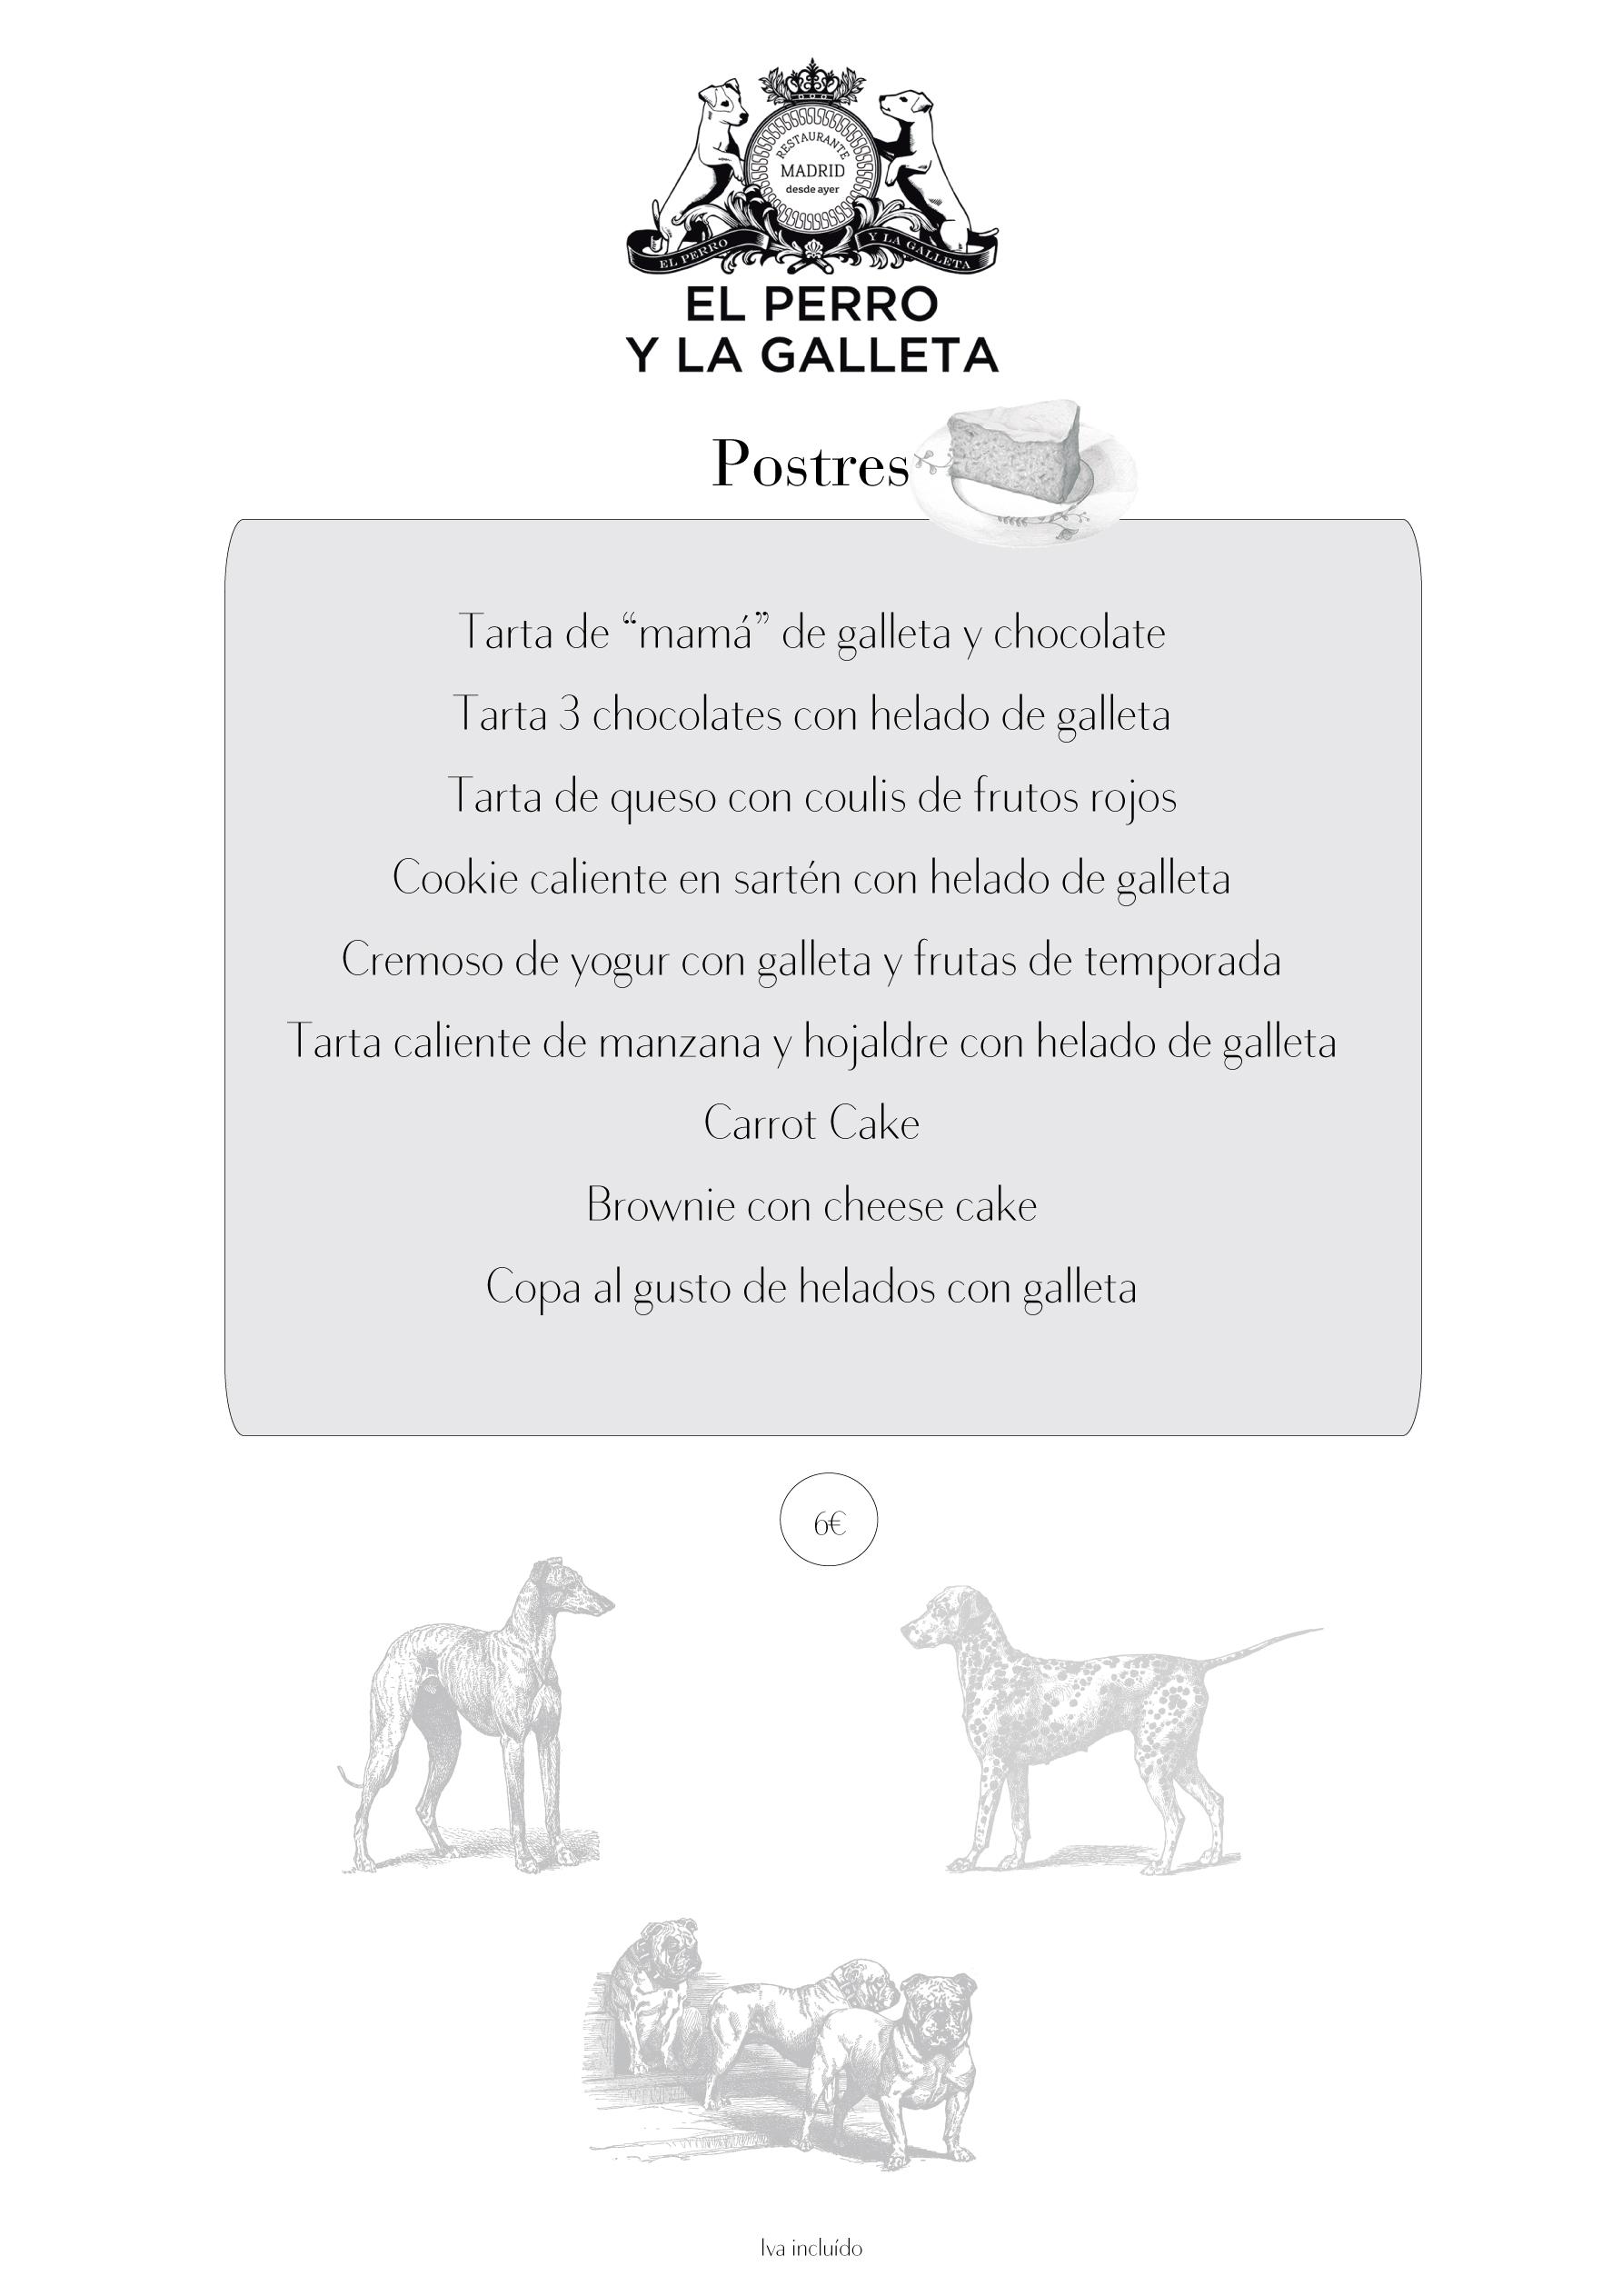 CARTA-EL-PERRO-Y-LA-GALLETA-CARRANZA-Posterior-ABRIL-19-WEB.jpg